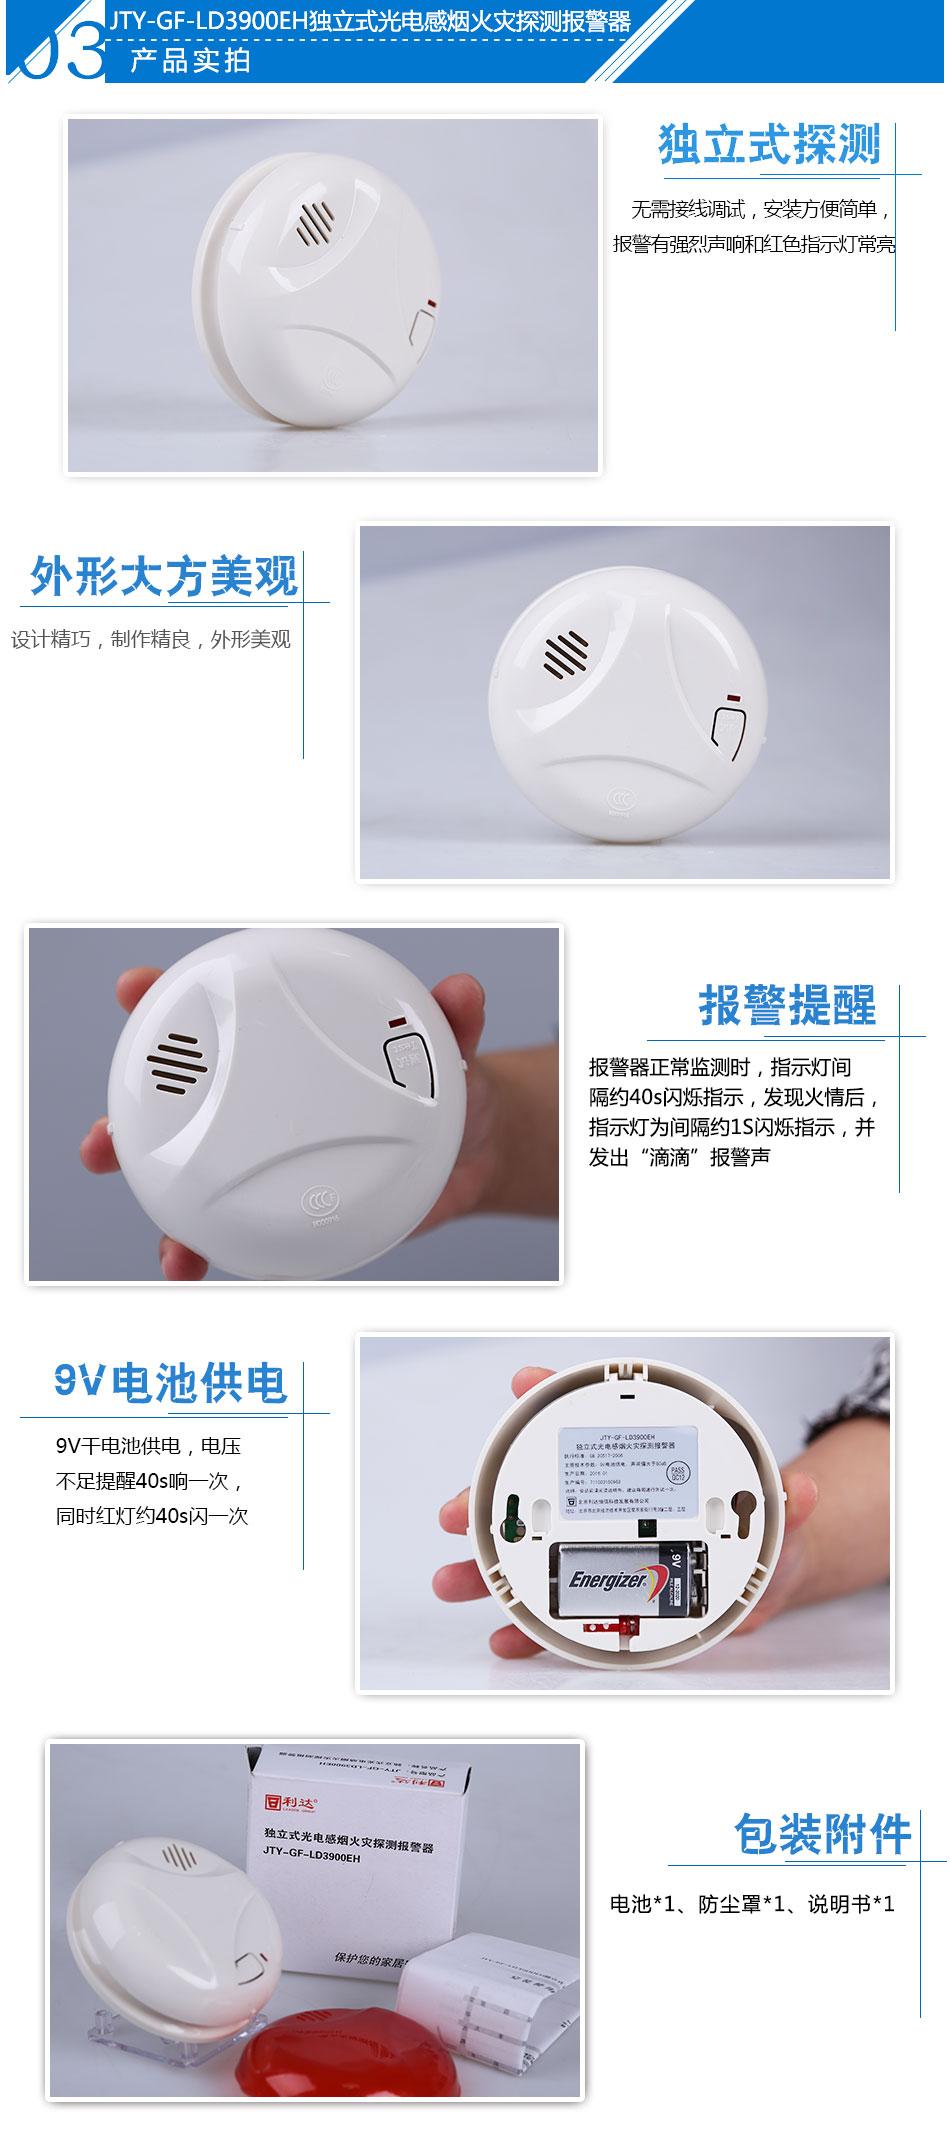 JTY-GF-LD3900EH独立式光电感烟火灾探测报警器产品实拍图